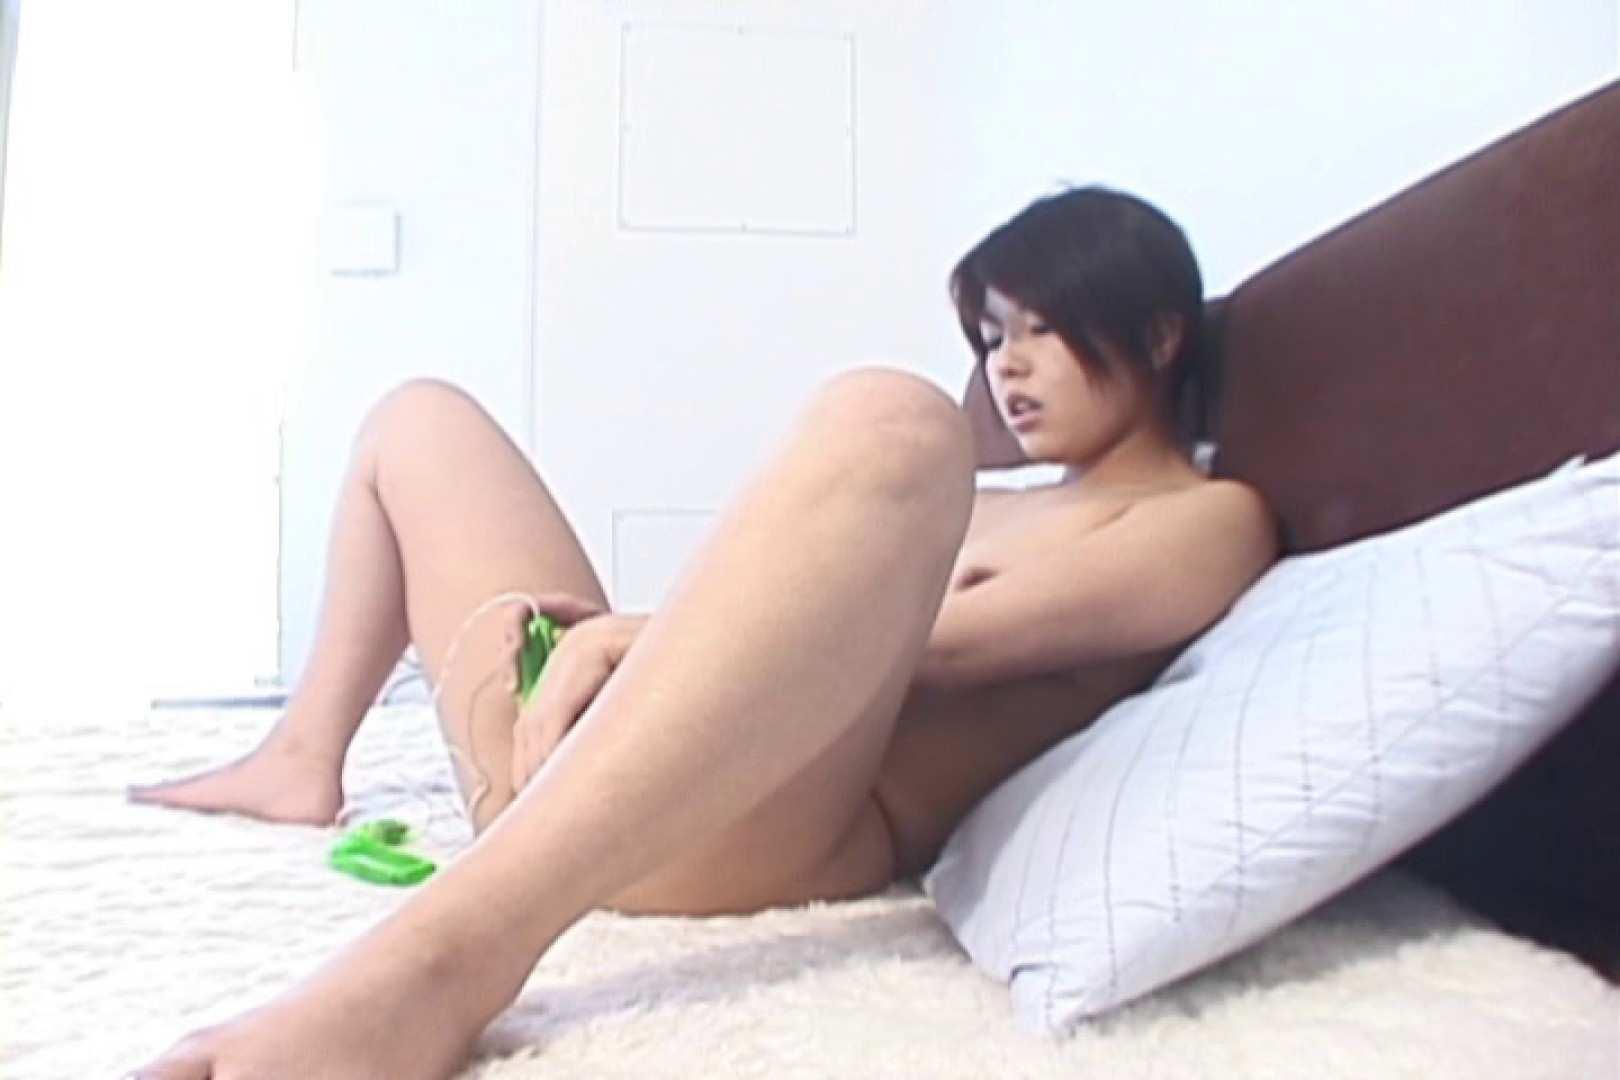 まだまだ若い三十路の人妻、綺麗な体を見て!~村田なお~ 電マ セックス画像 106枚 61